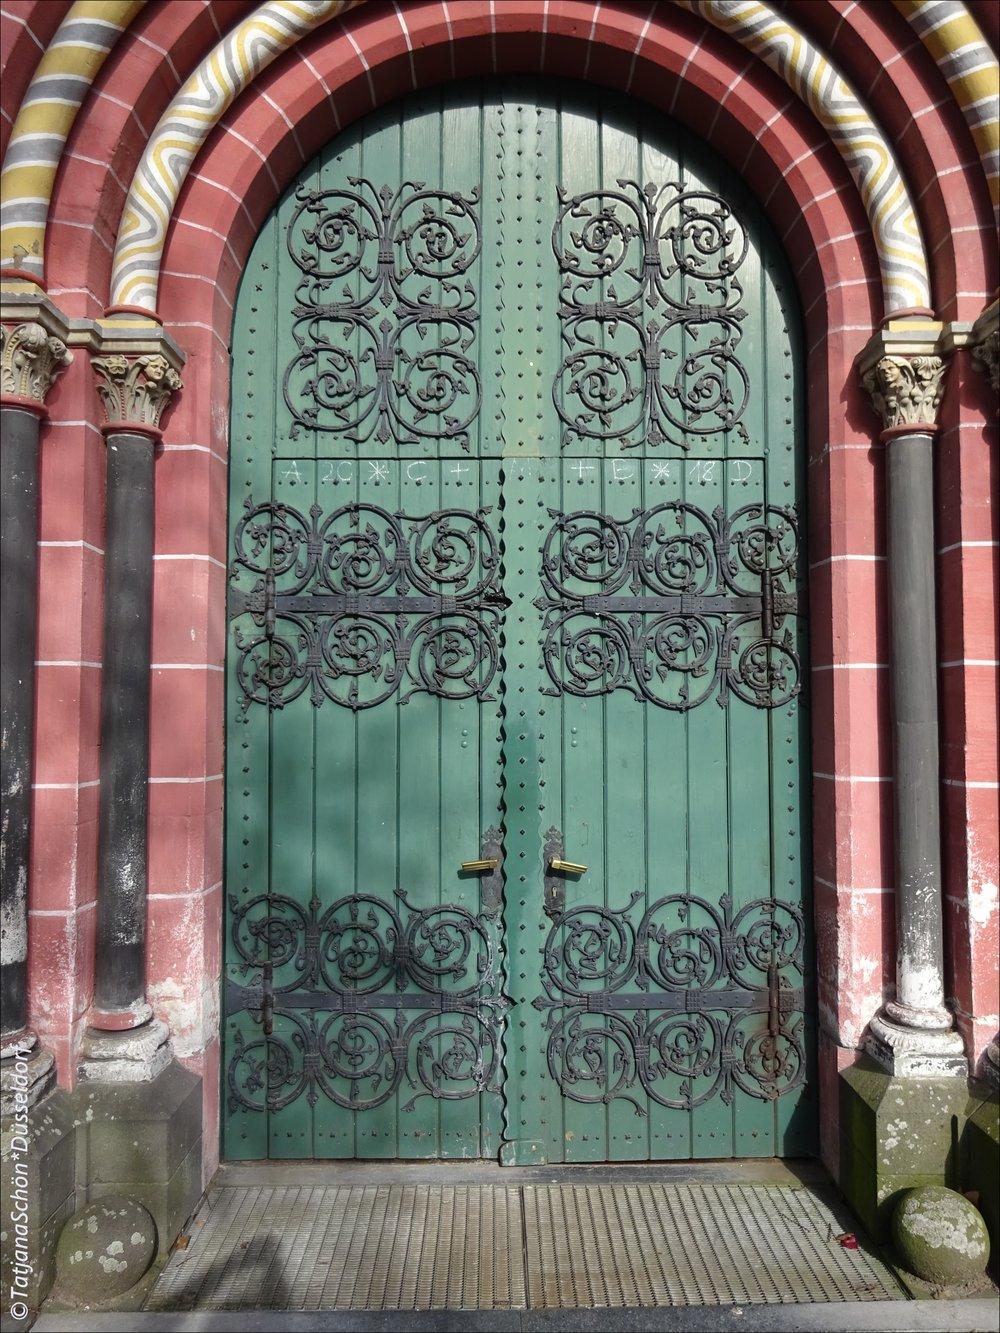 Церковь ко времени нашего визита в город уже закрылась.